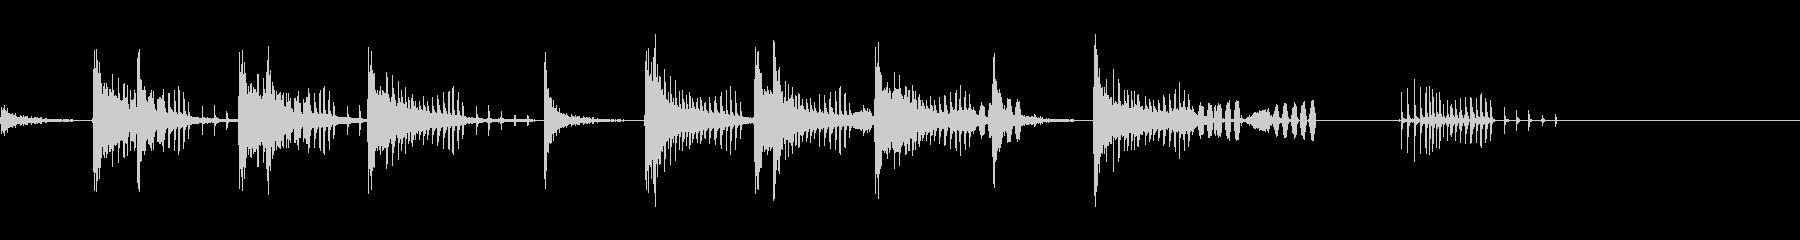 とんとん(派手な建設中の音)B22の未再生の波形